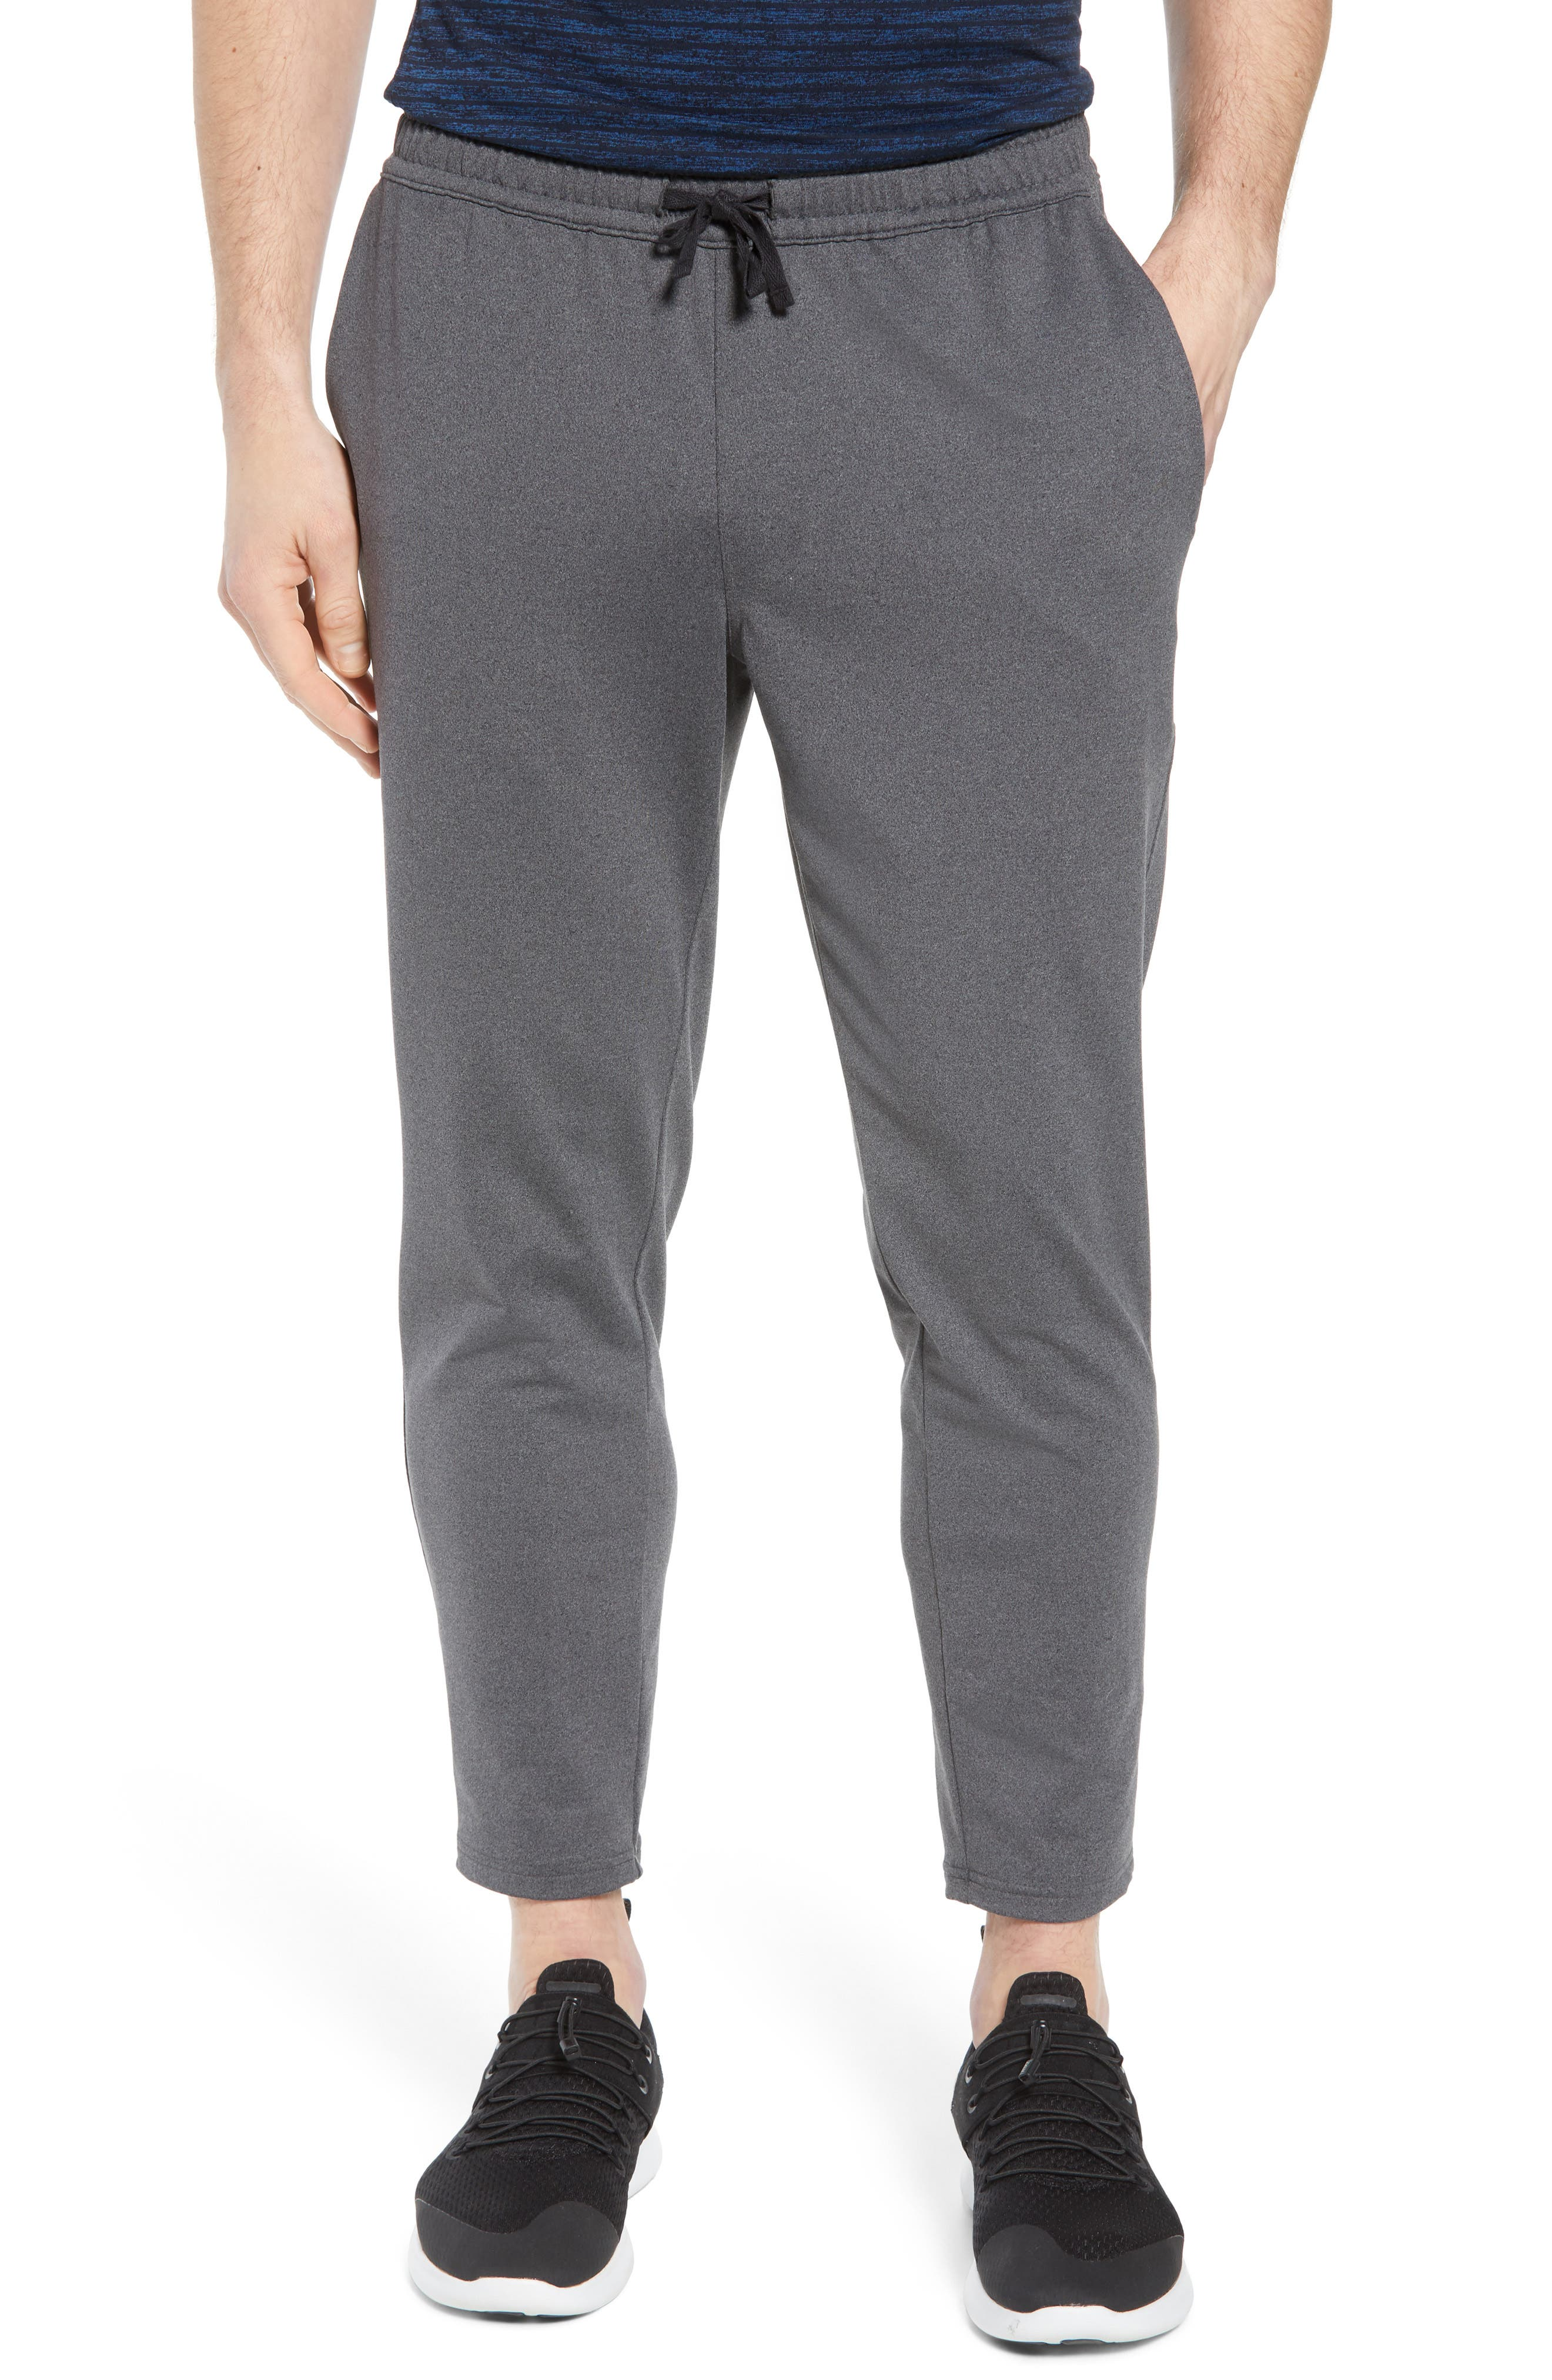 ZELLA Active Crop Jogger Pants, Main, color, 021